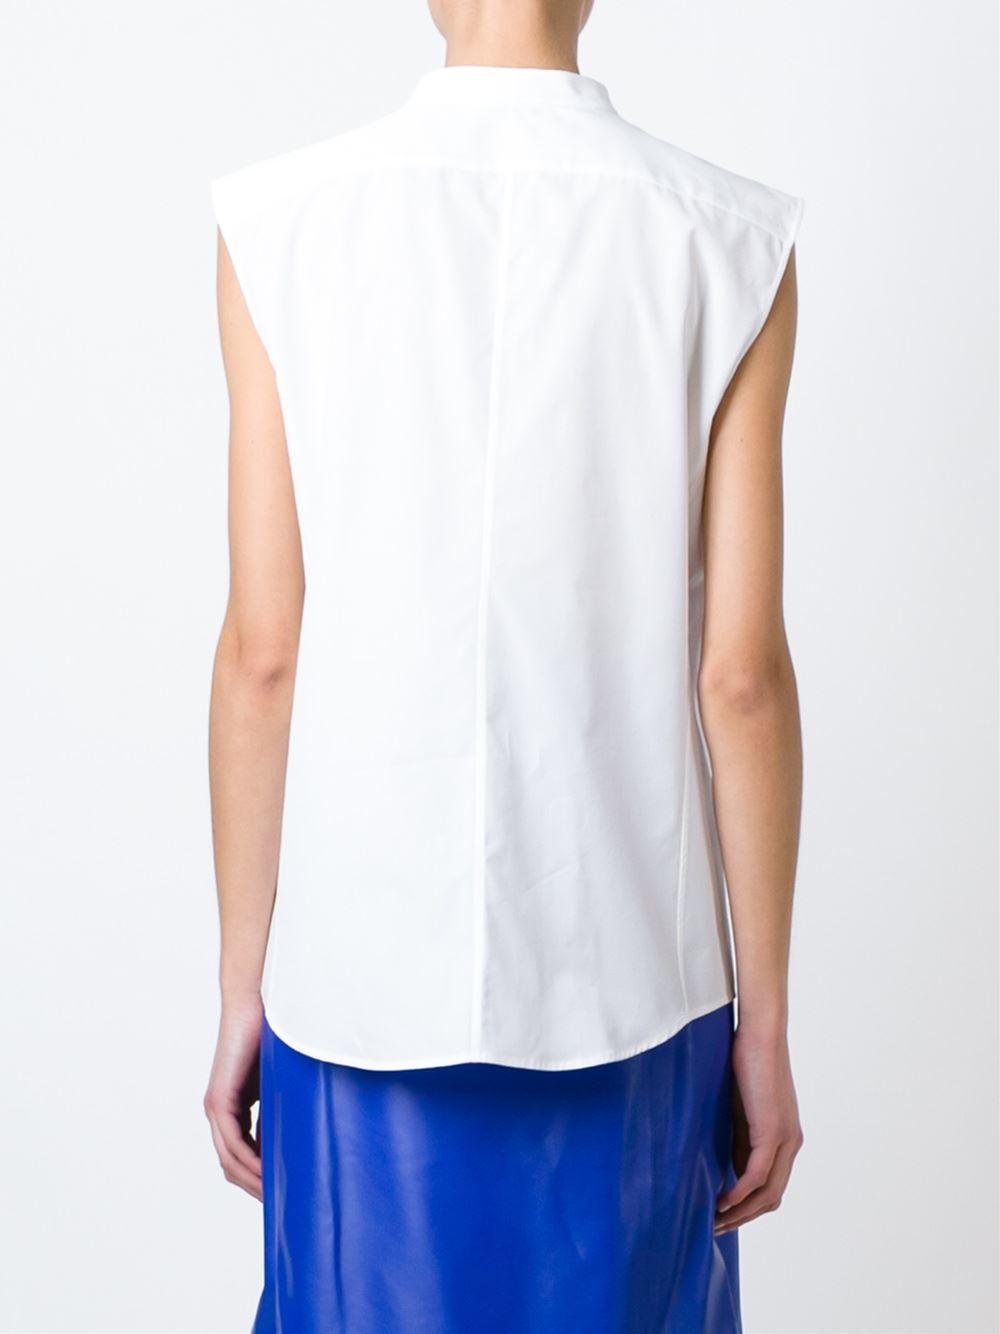 Jil sander sleeveless band collar shirt in white lyst for Sleeveless white shirt with collar